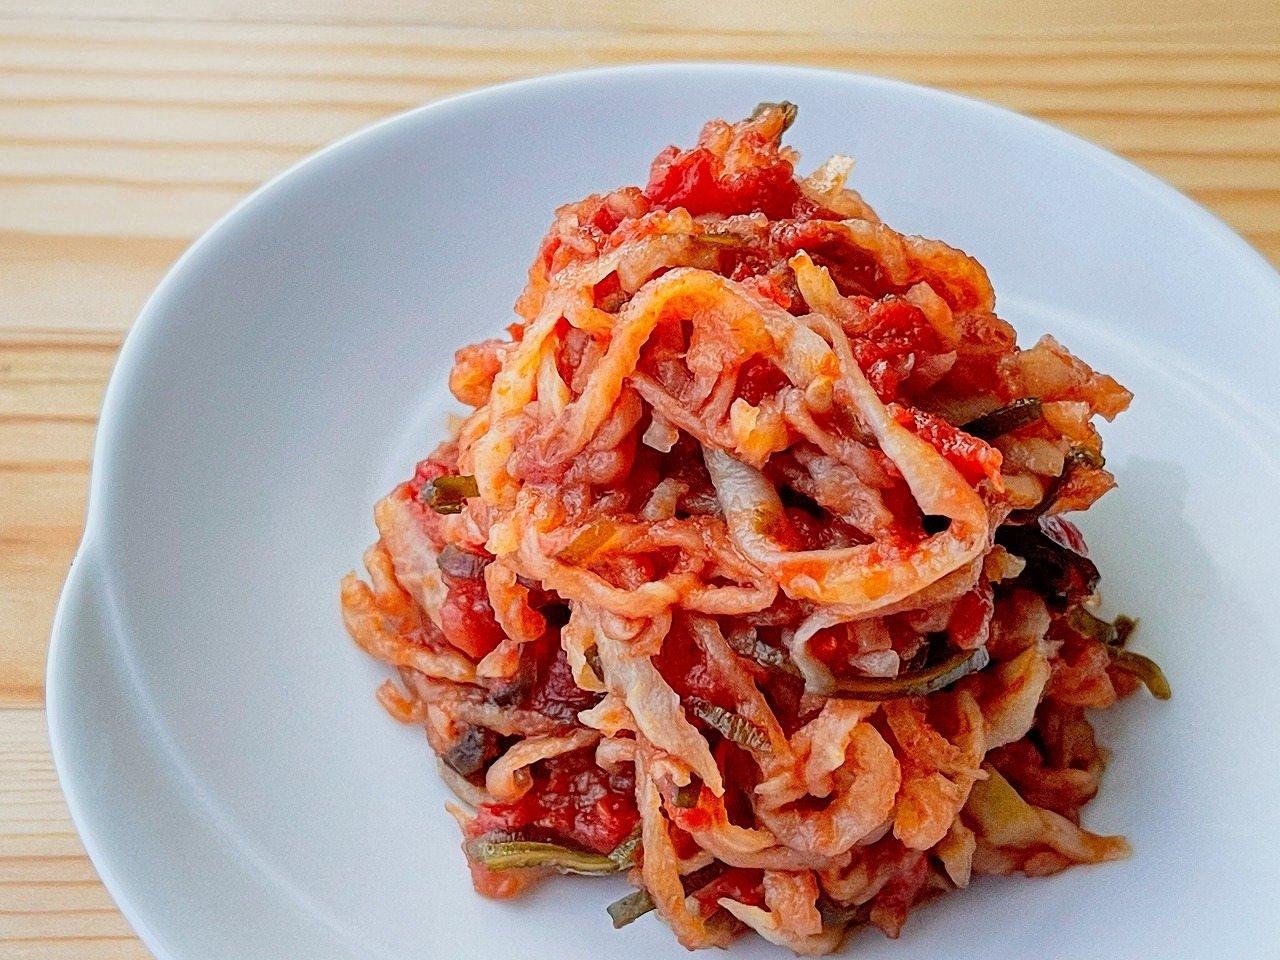 【野菜ひとつ】切干大根のトマト煮